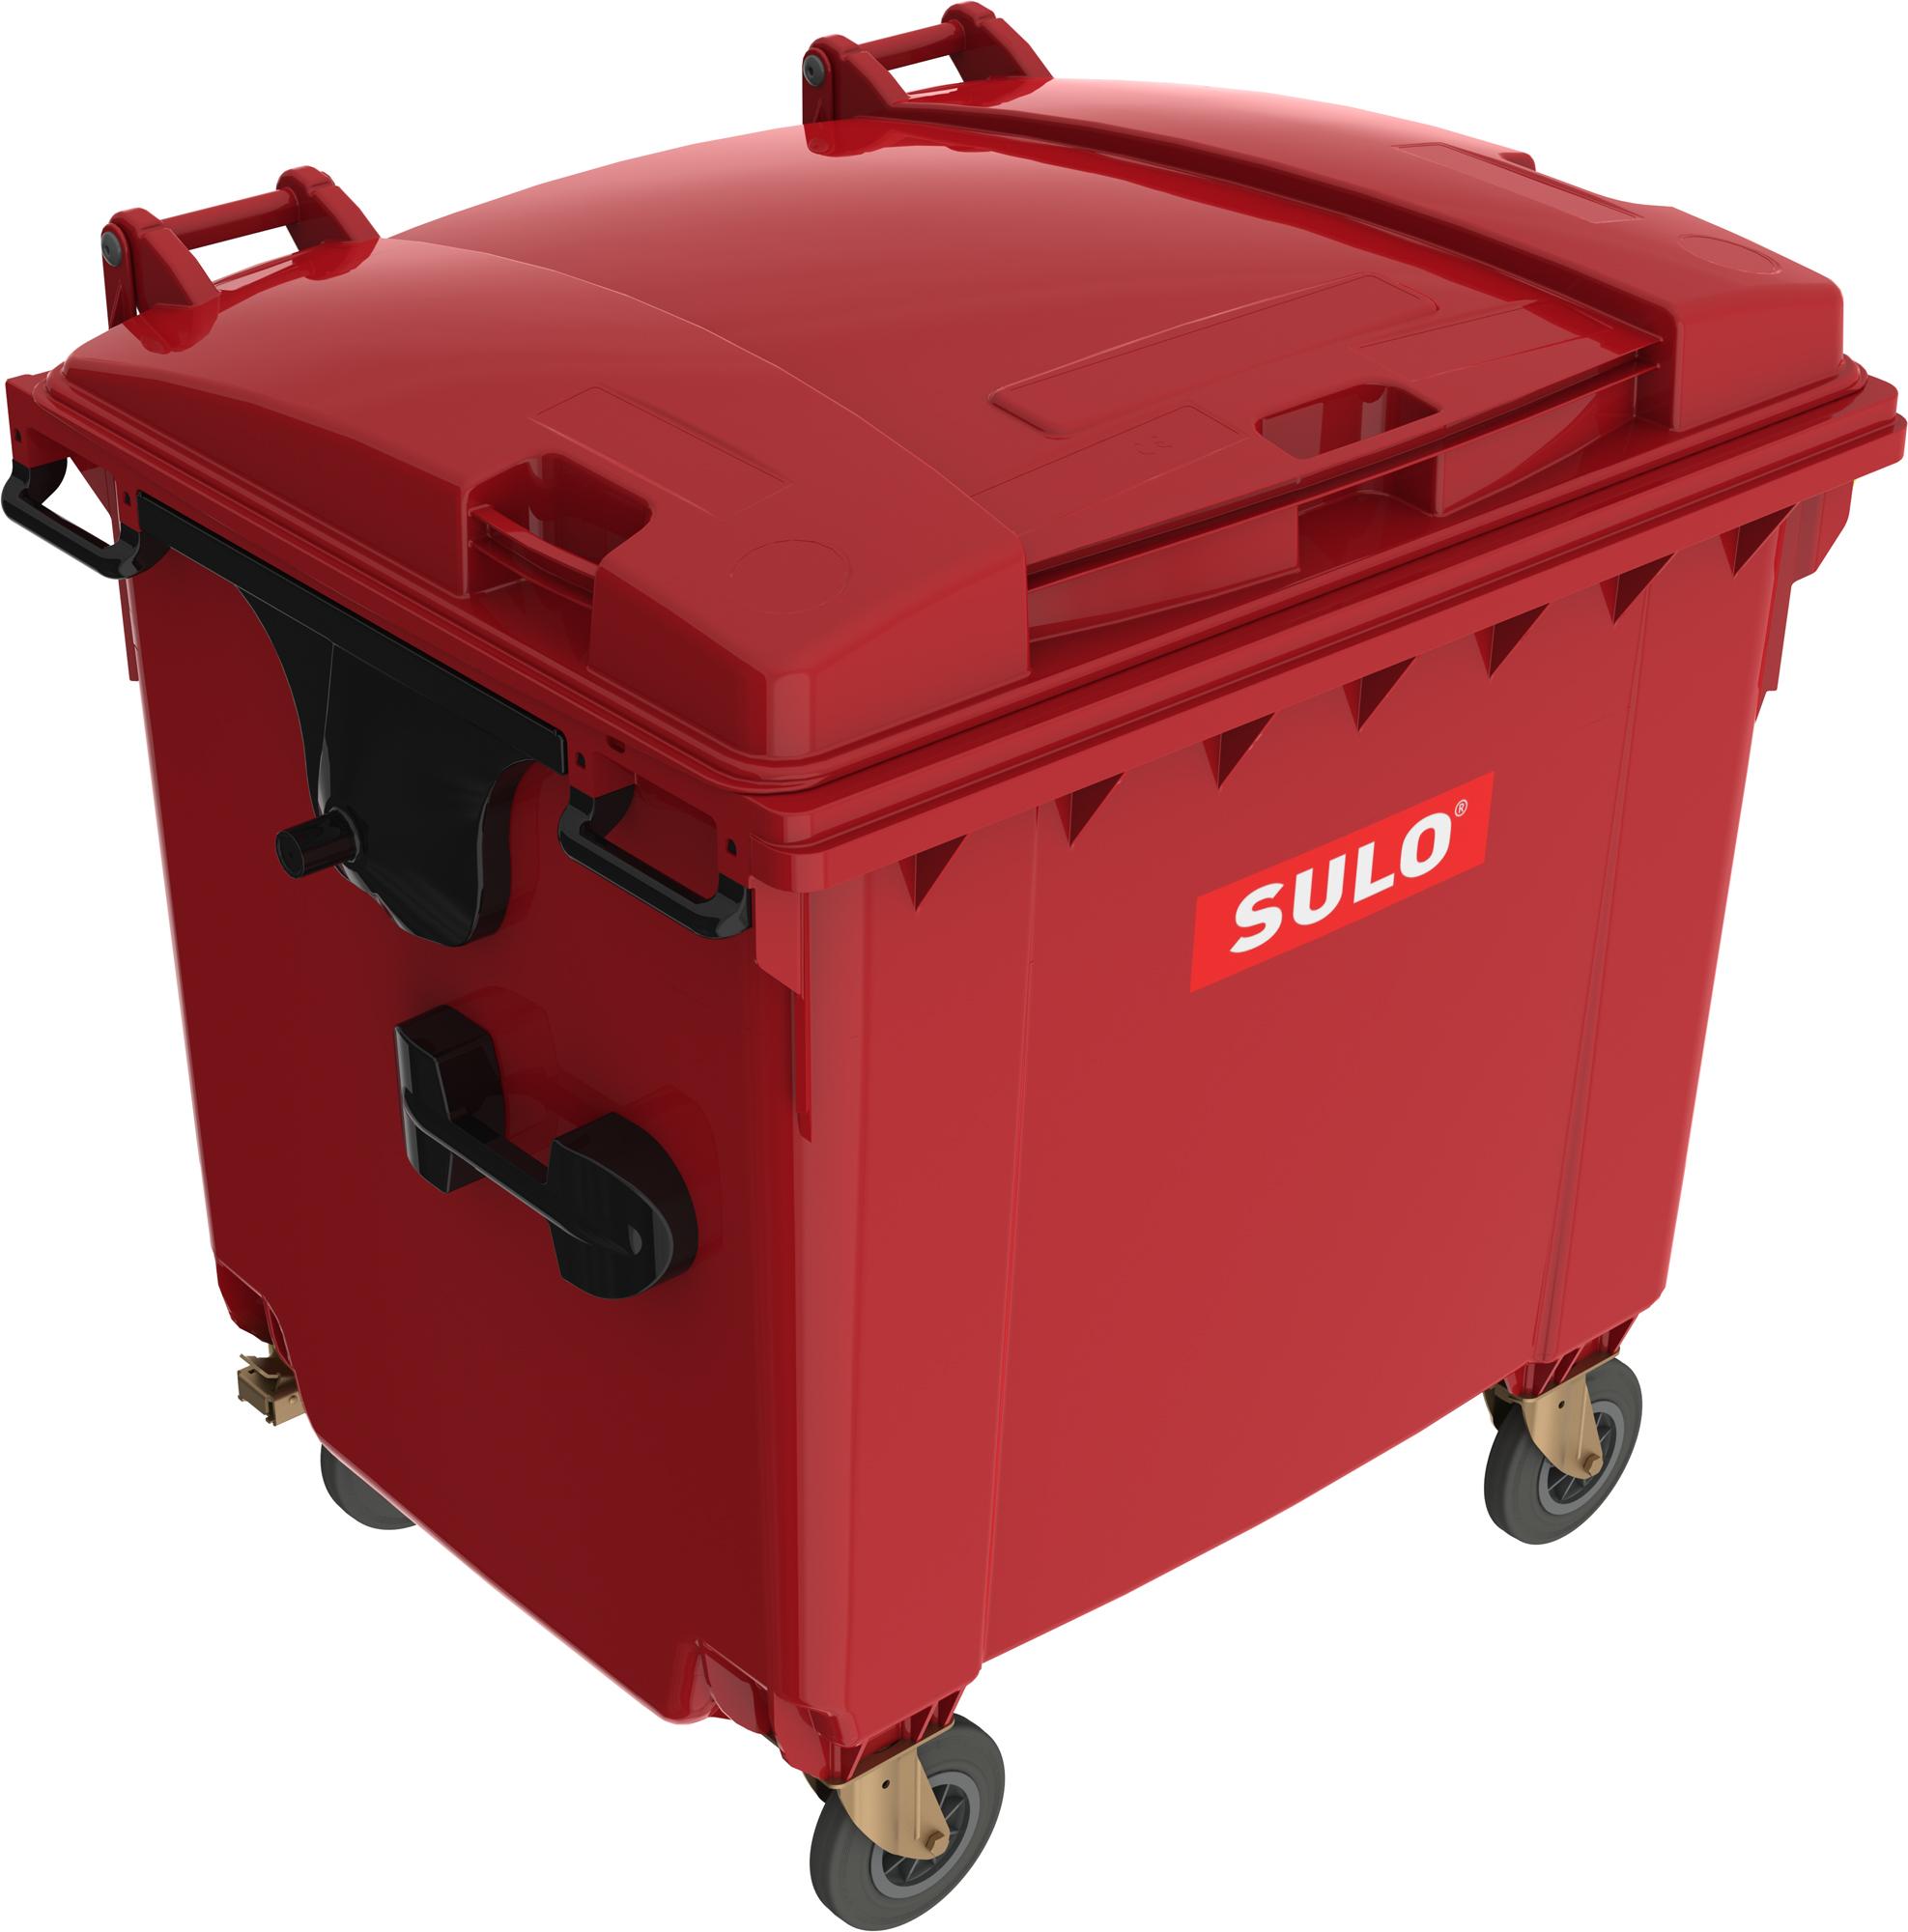 Eurocontainer Din Material Plastic 1100 L Rosu Cu Capac Plat Mevatec - Transport Inclus 2021 sanito.ro